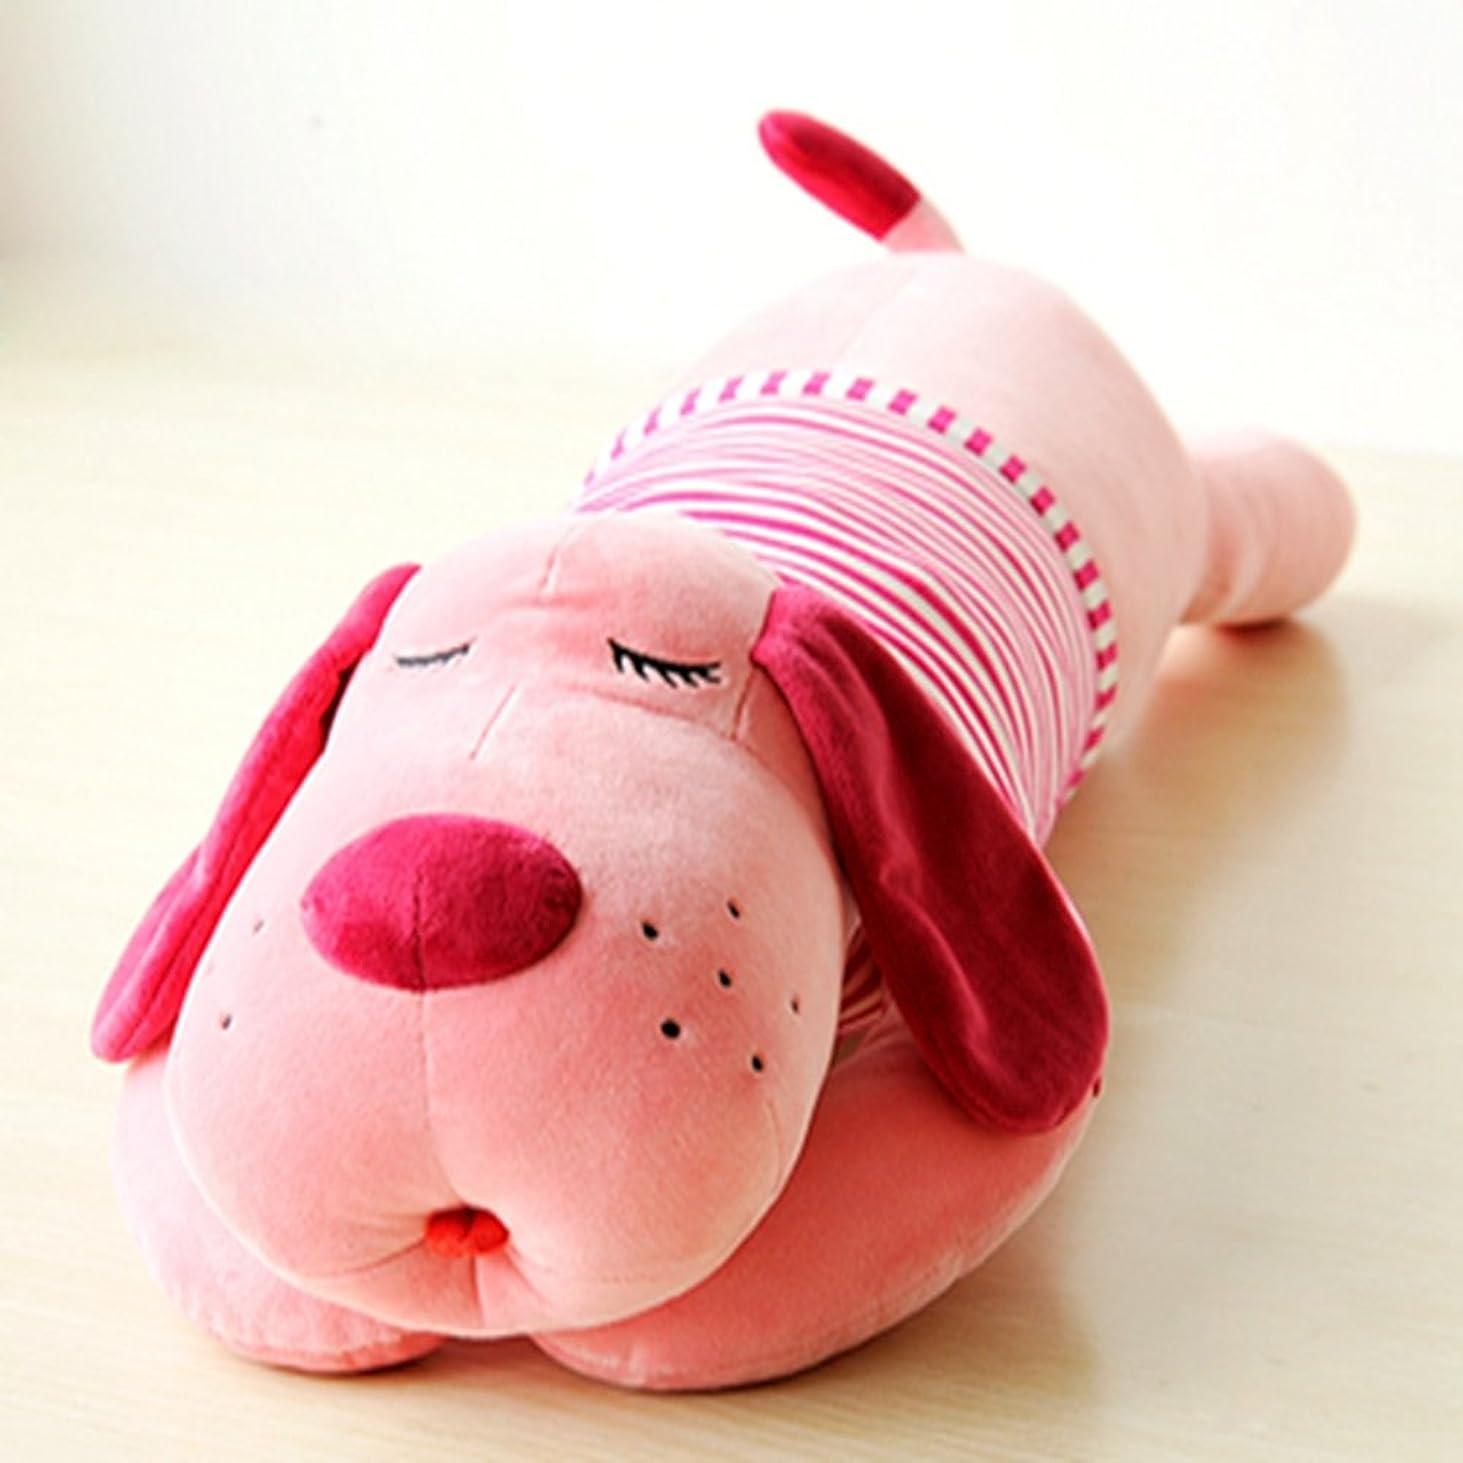 従事する崇拝しますシールド犬ぬいぐるみ イヌぬいぐるみ いぬ/抱き枕/お誕生日プレゼント/イベント/お祝い/ふわふわぬいぐるみ 柔らかい 通気性 吸水 可愛い 95cm ピンク